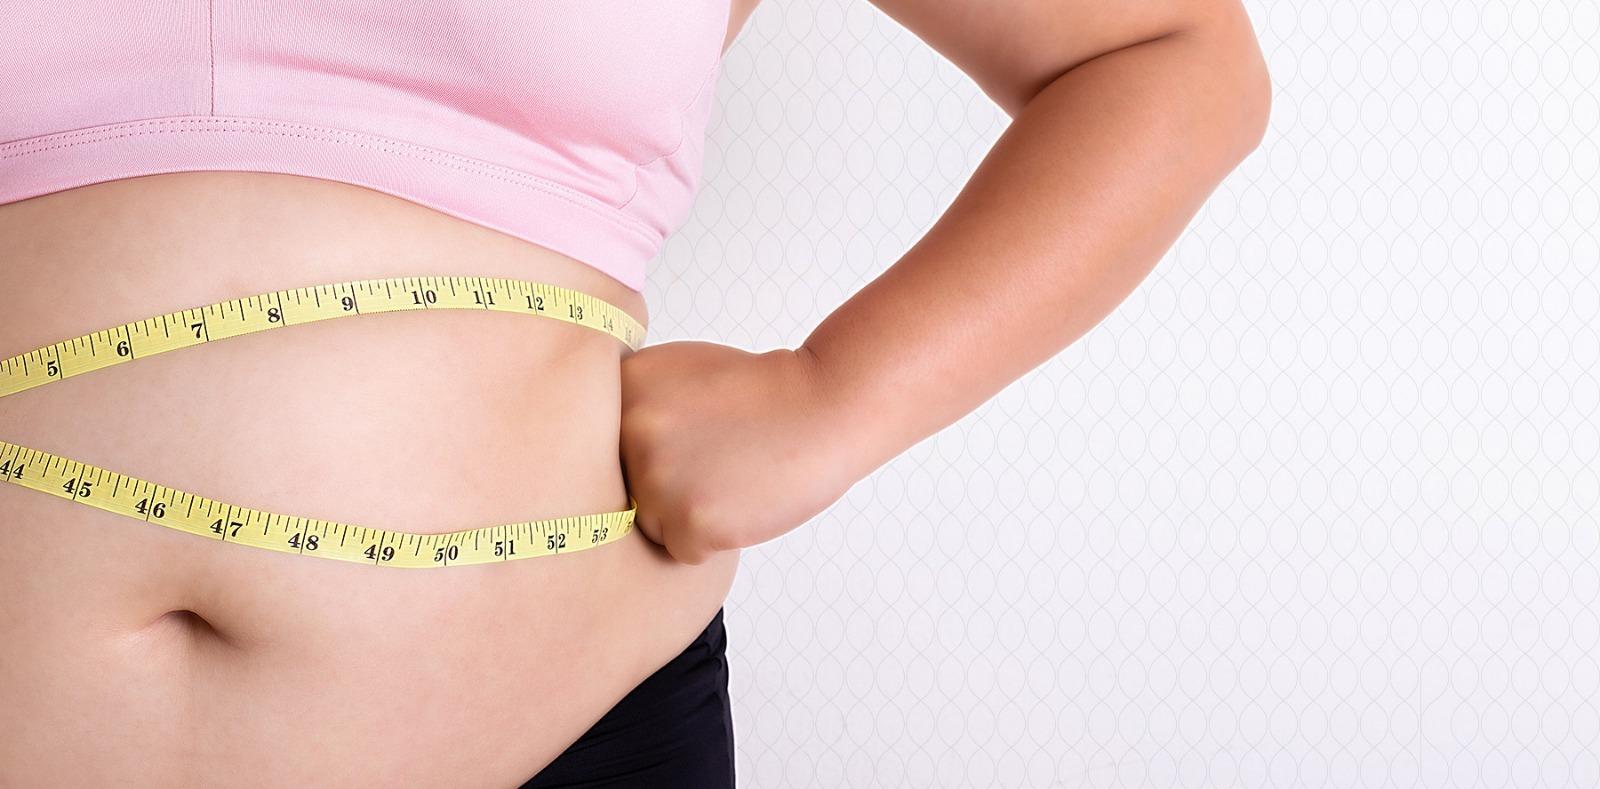 Cena liposukcije stomaka